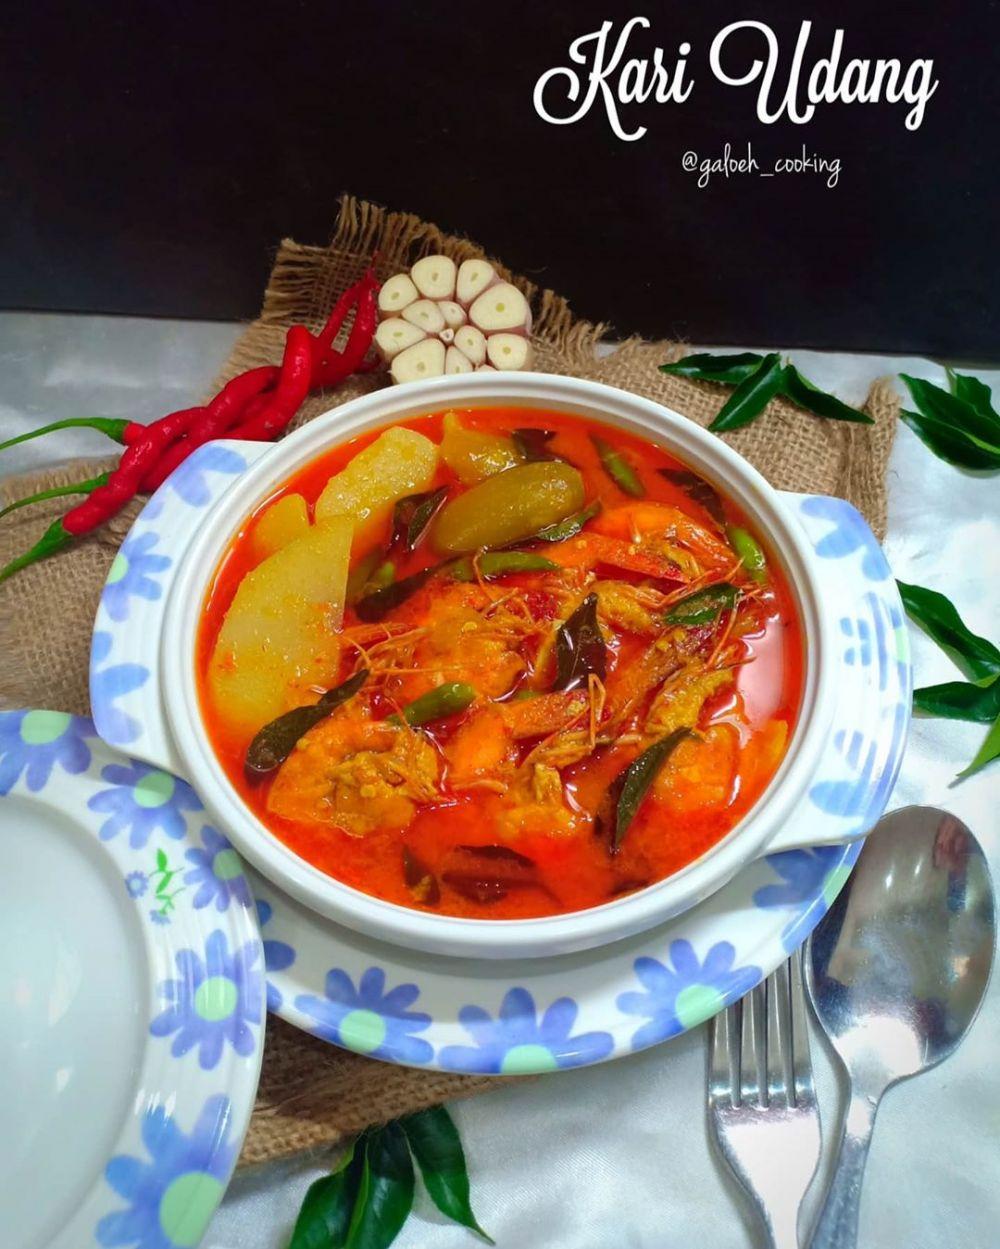 Resep masakan kari © 2020 Instagram/@eunice_euston ; Instagram/@galoeh_cooking